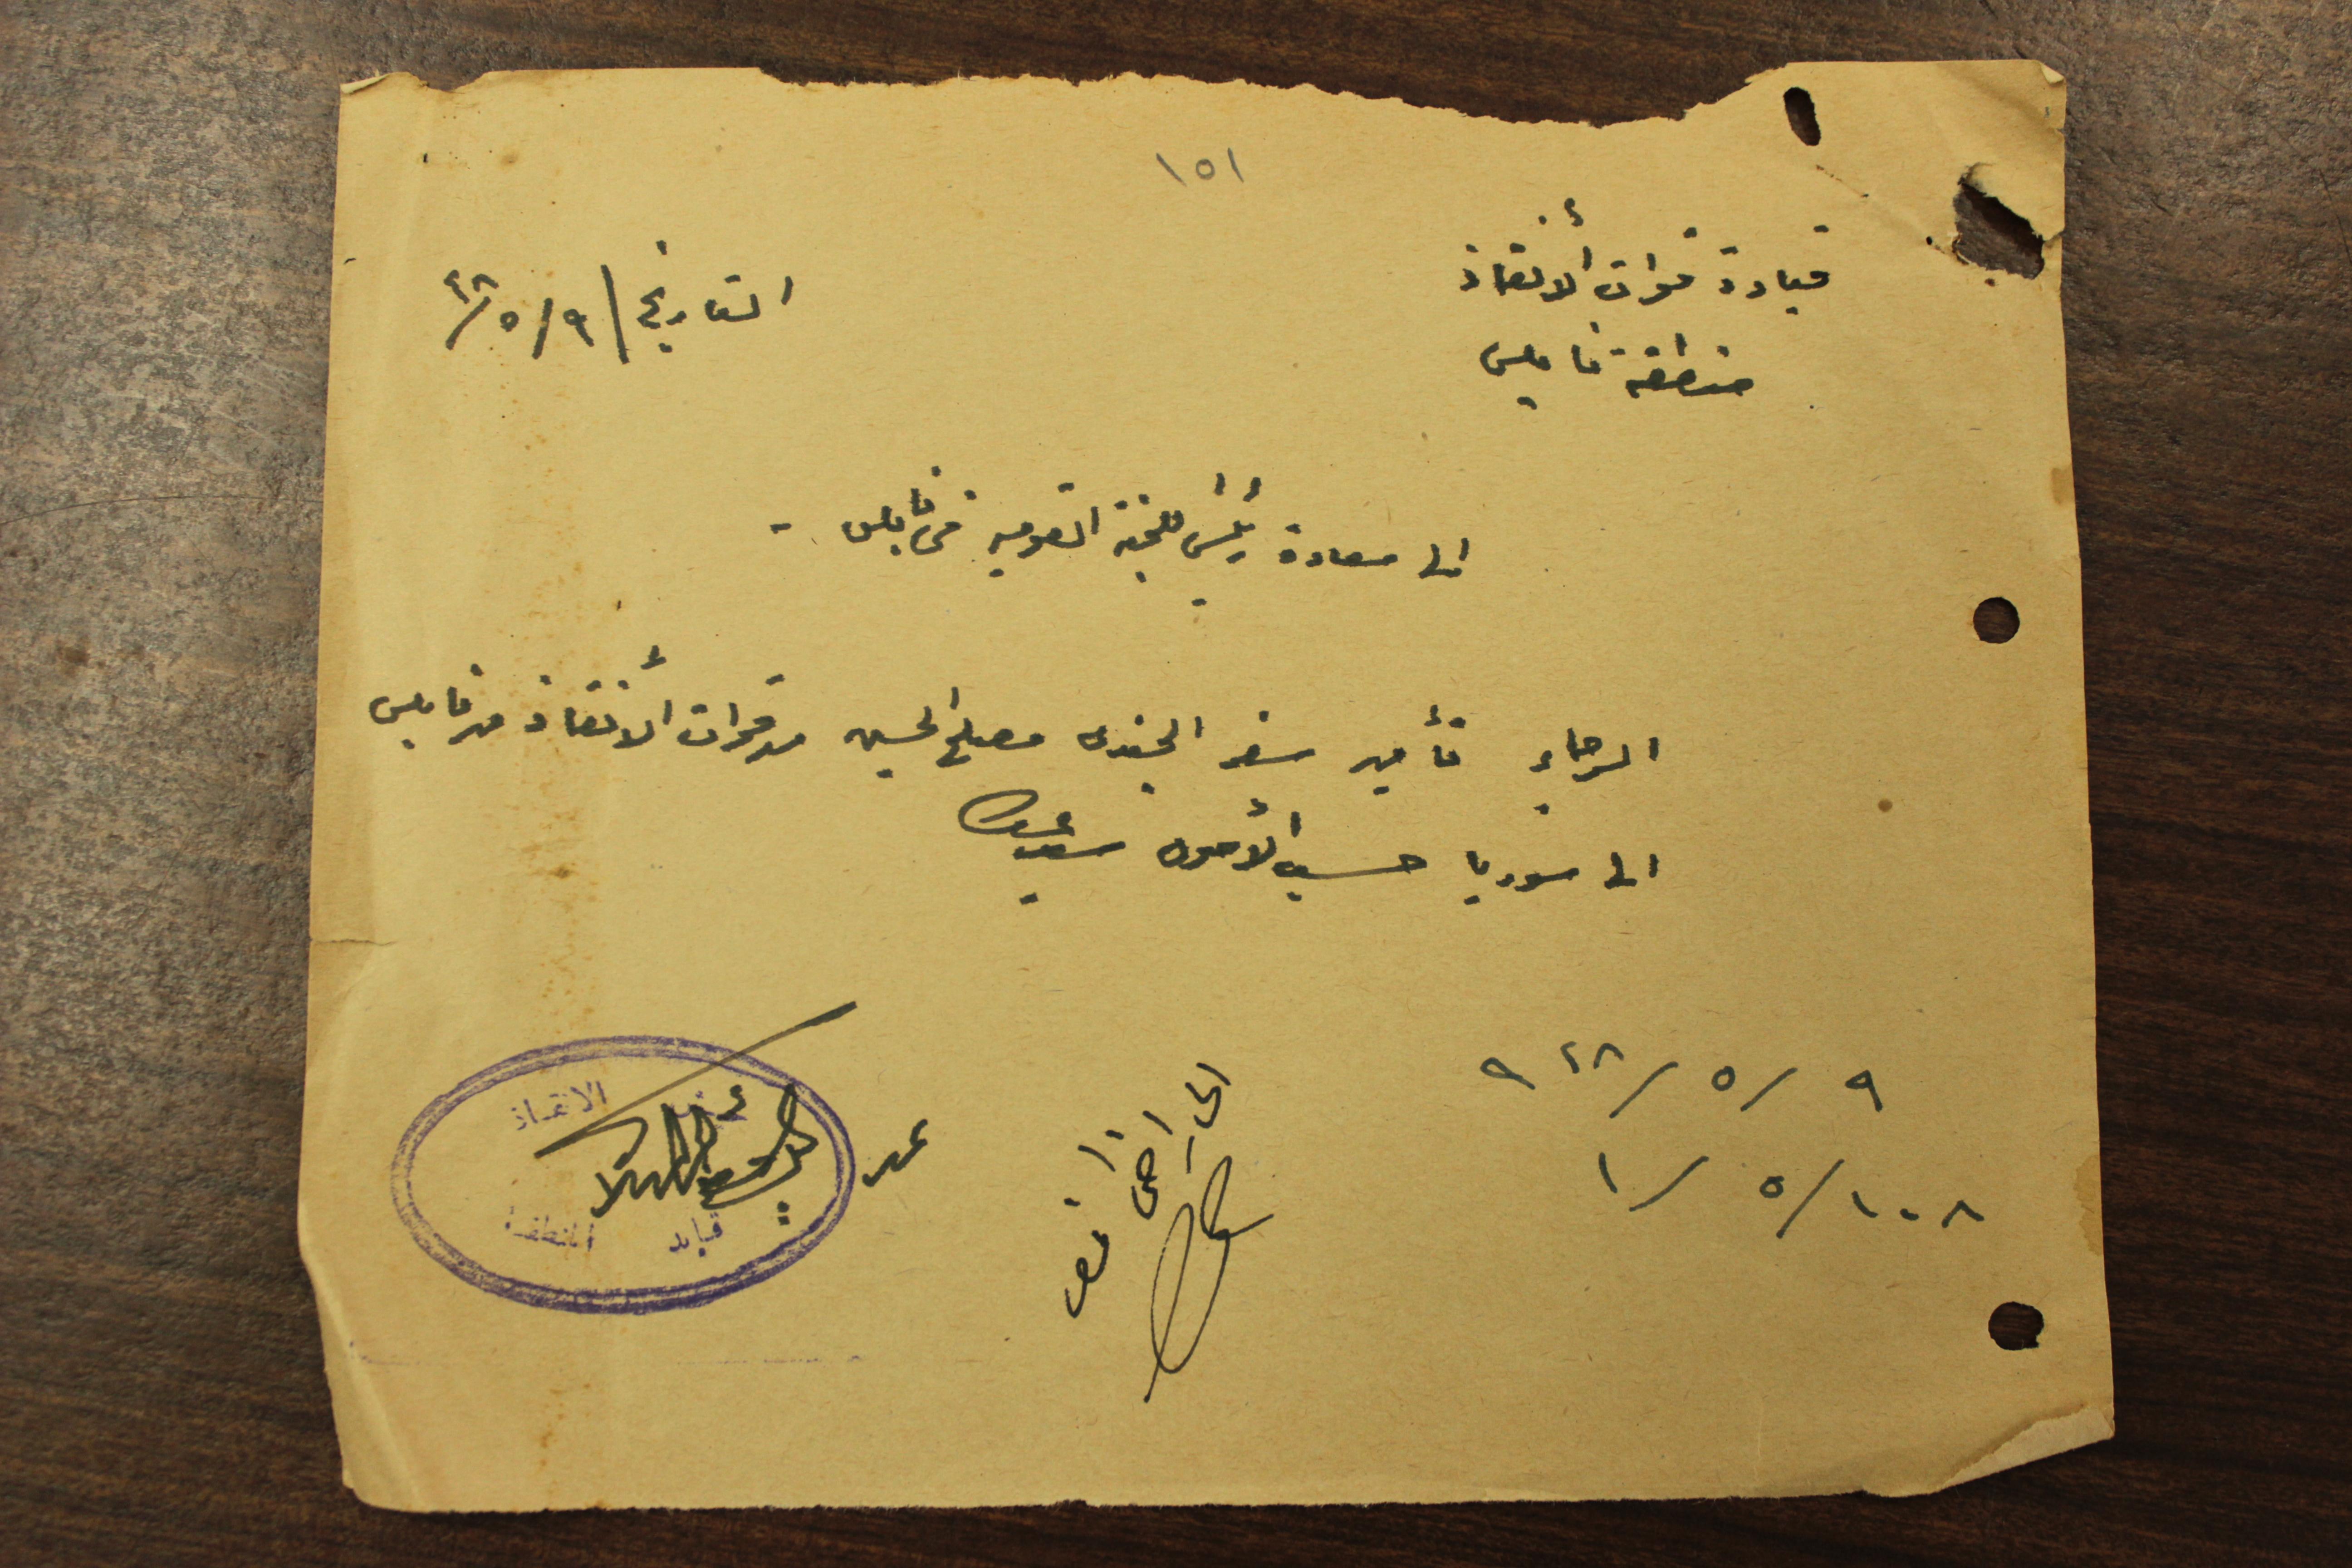 قيادة قوى الانقاذ إلى اللجنة القومية العربية عام 1948 (20).JPG